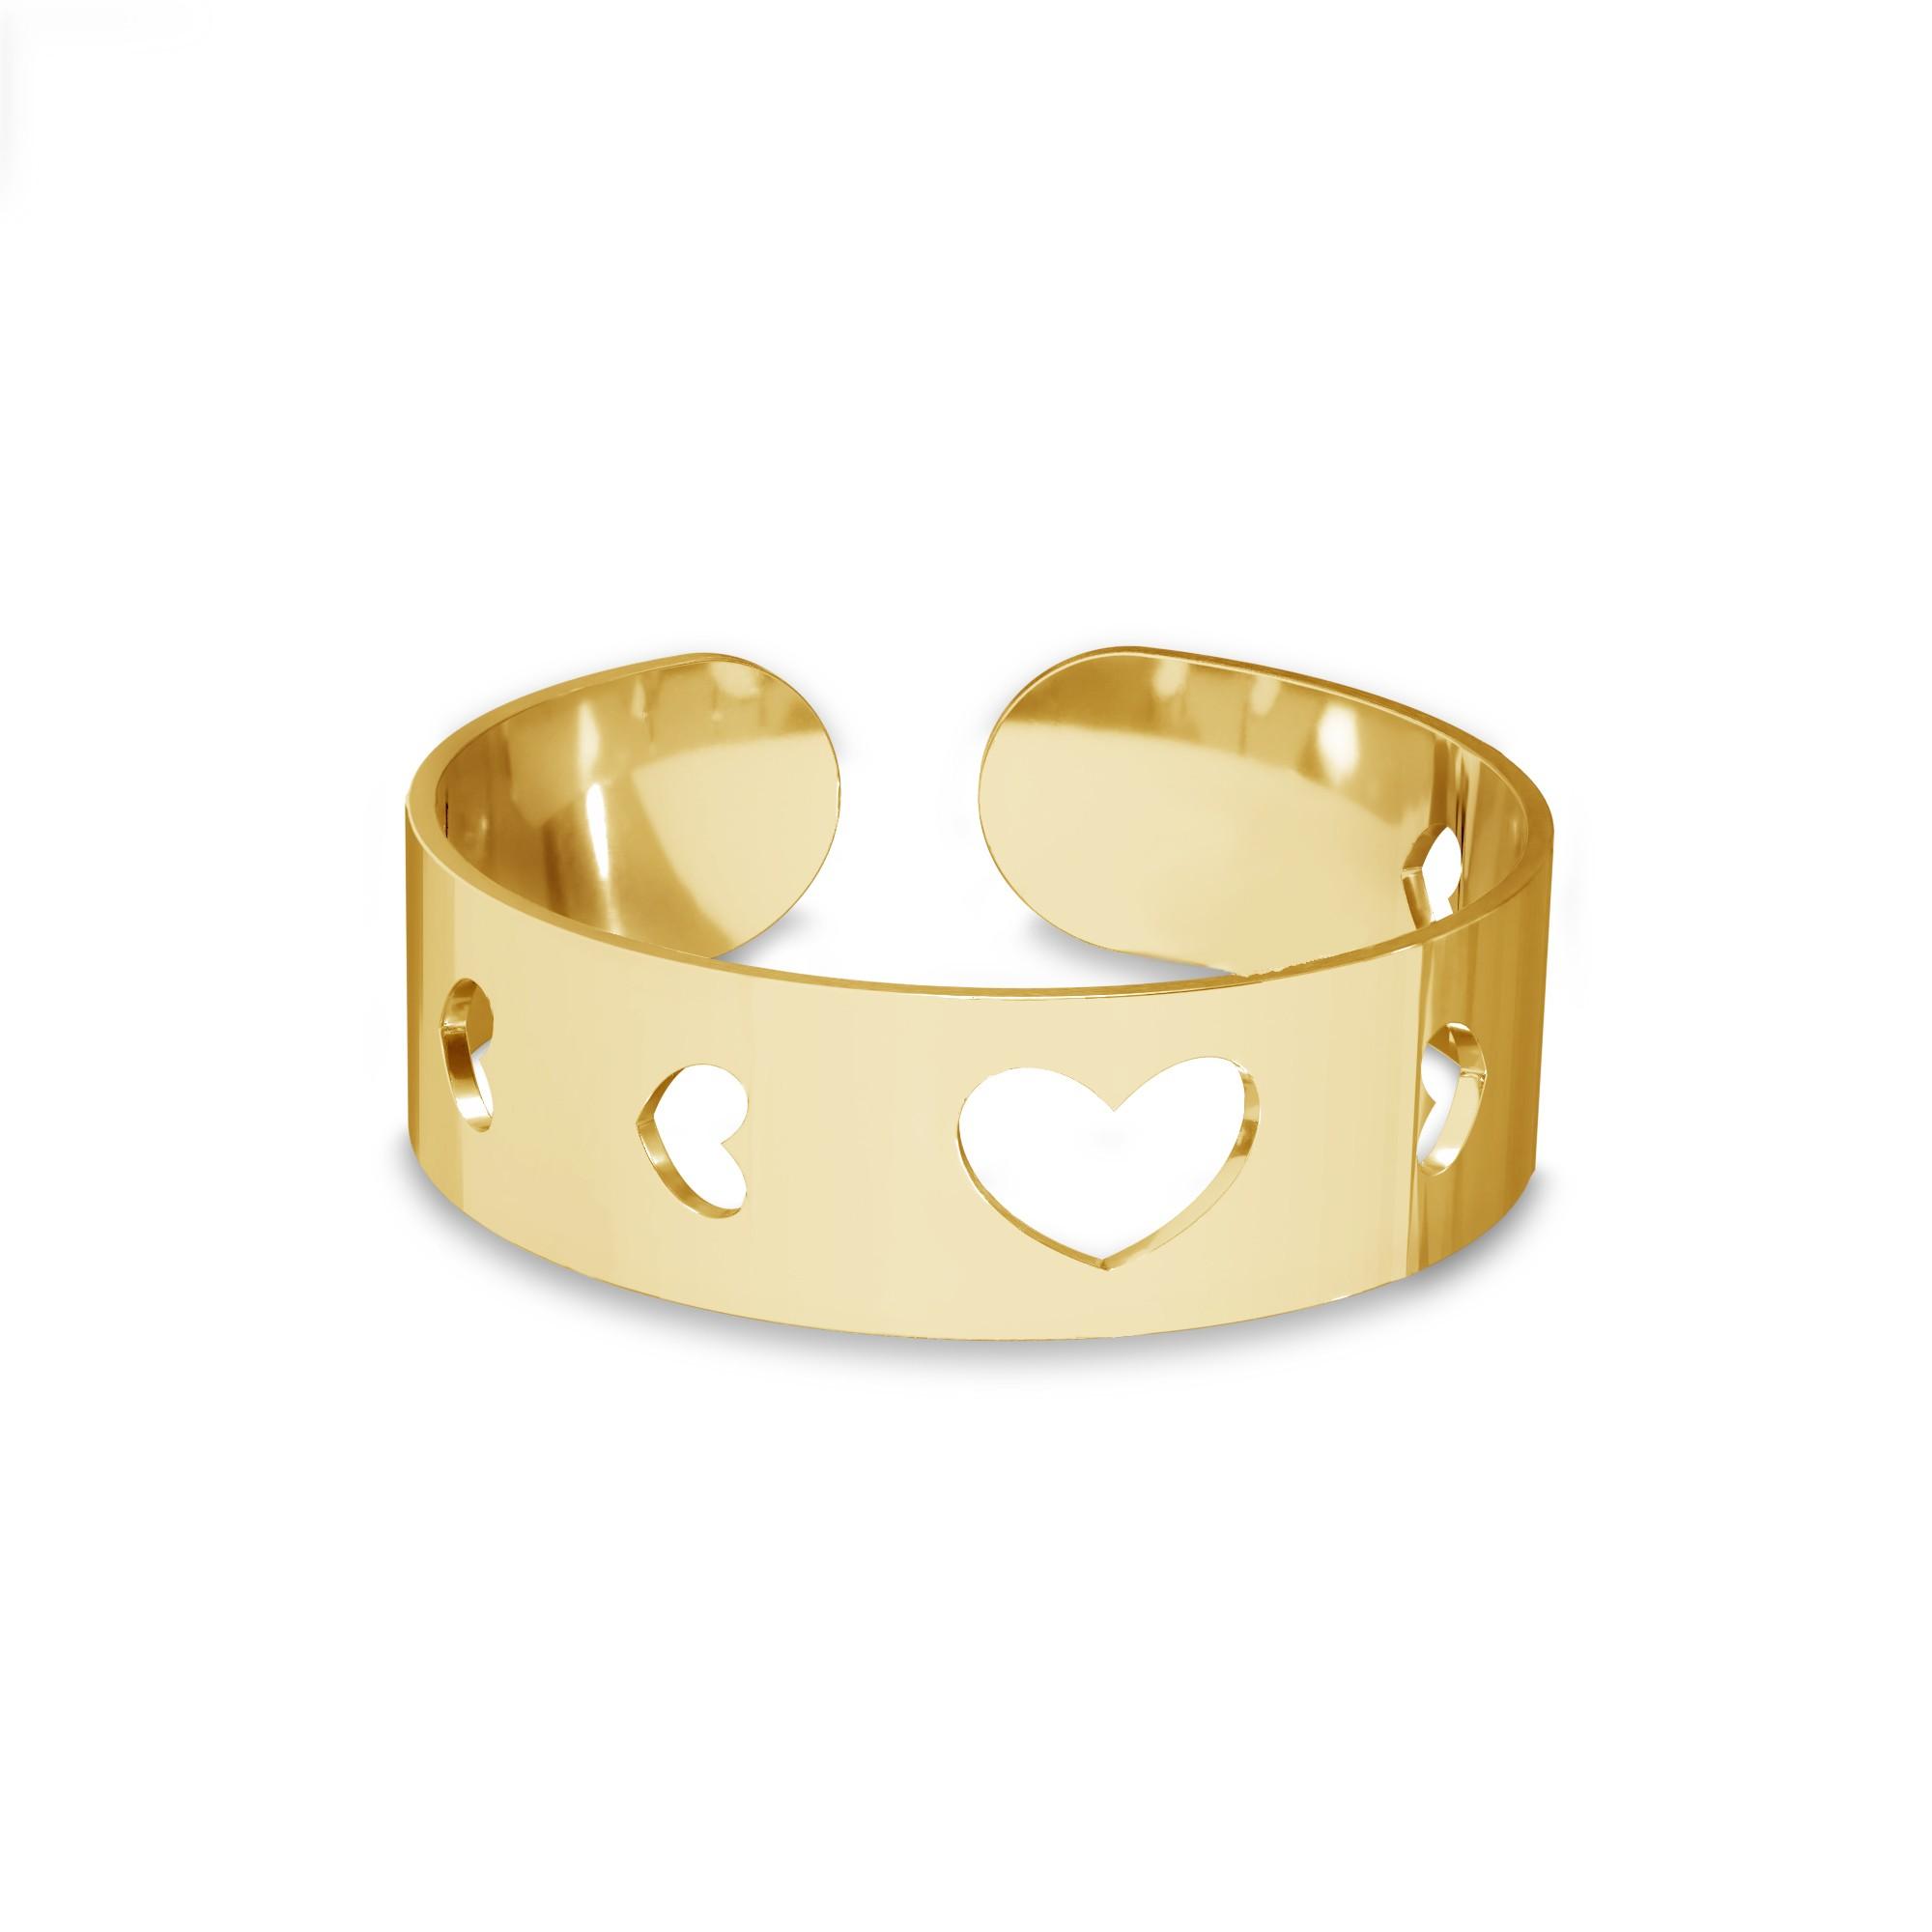 Srebrny pierścionek na początek palca z sercem, srebro 925